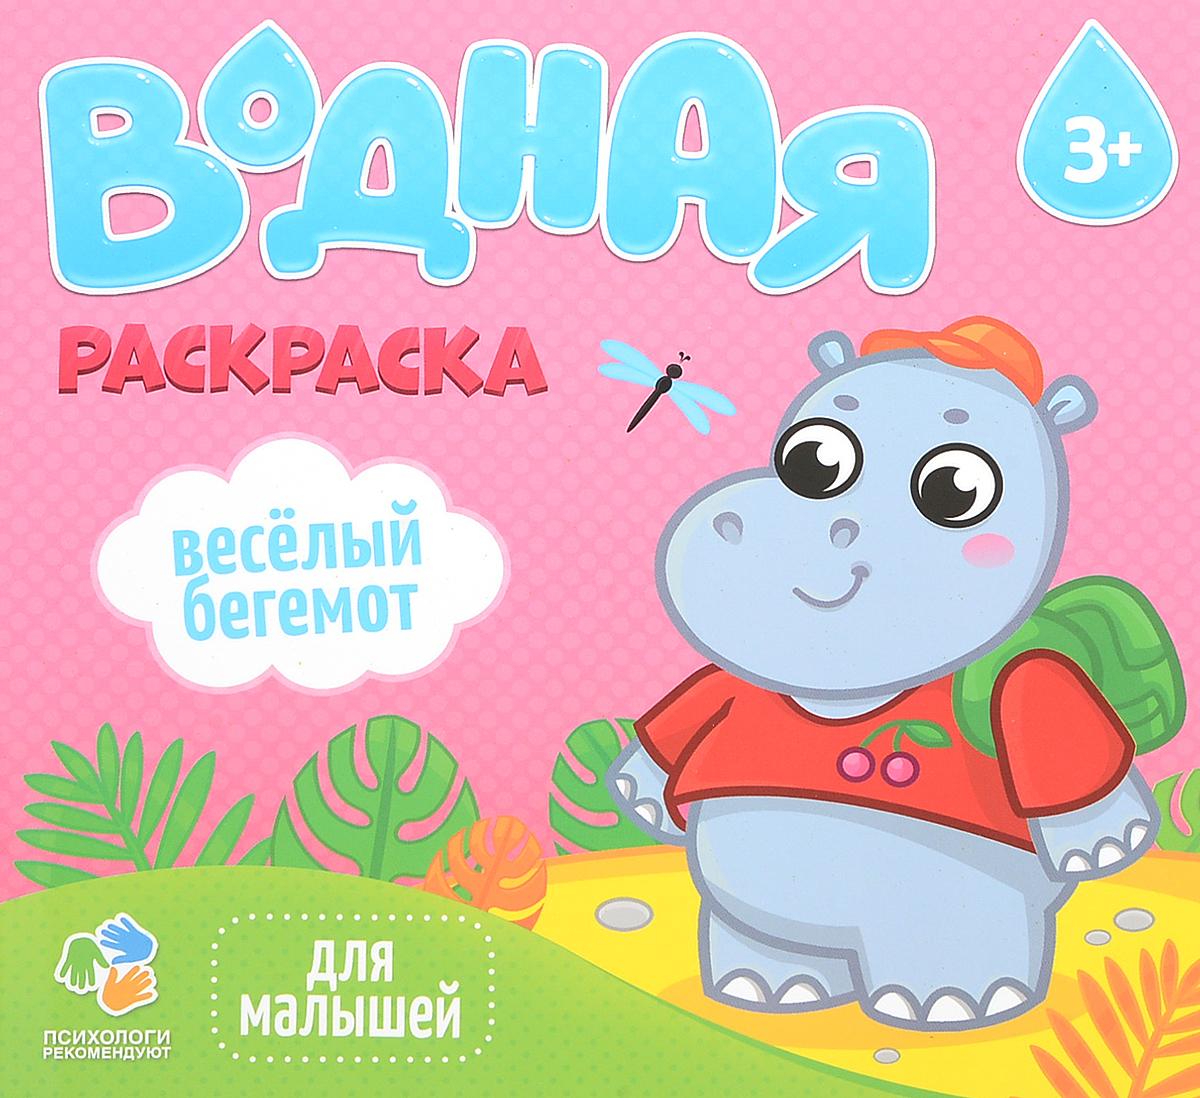 Фото - Веселый бегемот. Водная раскраска для малышей водная раскраска для малышей веселый гепард